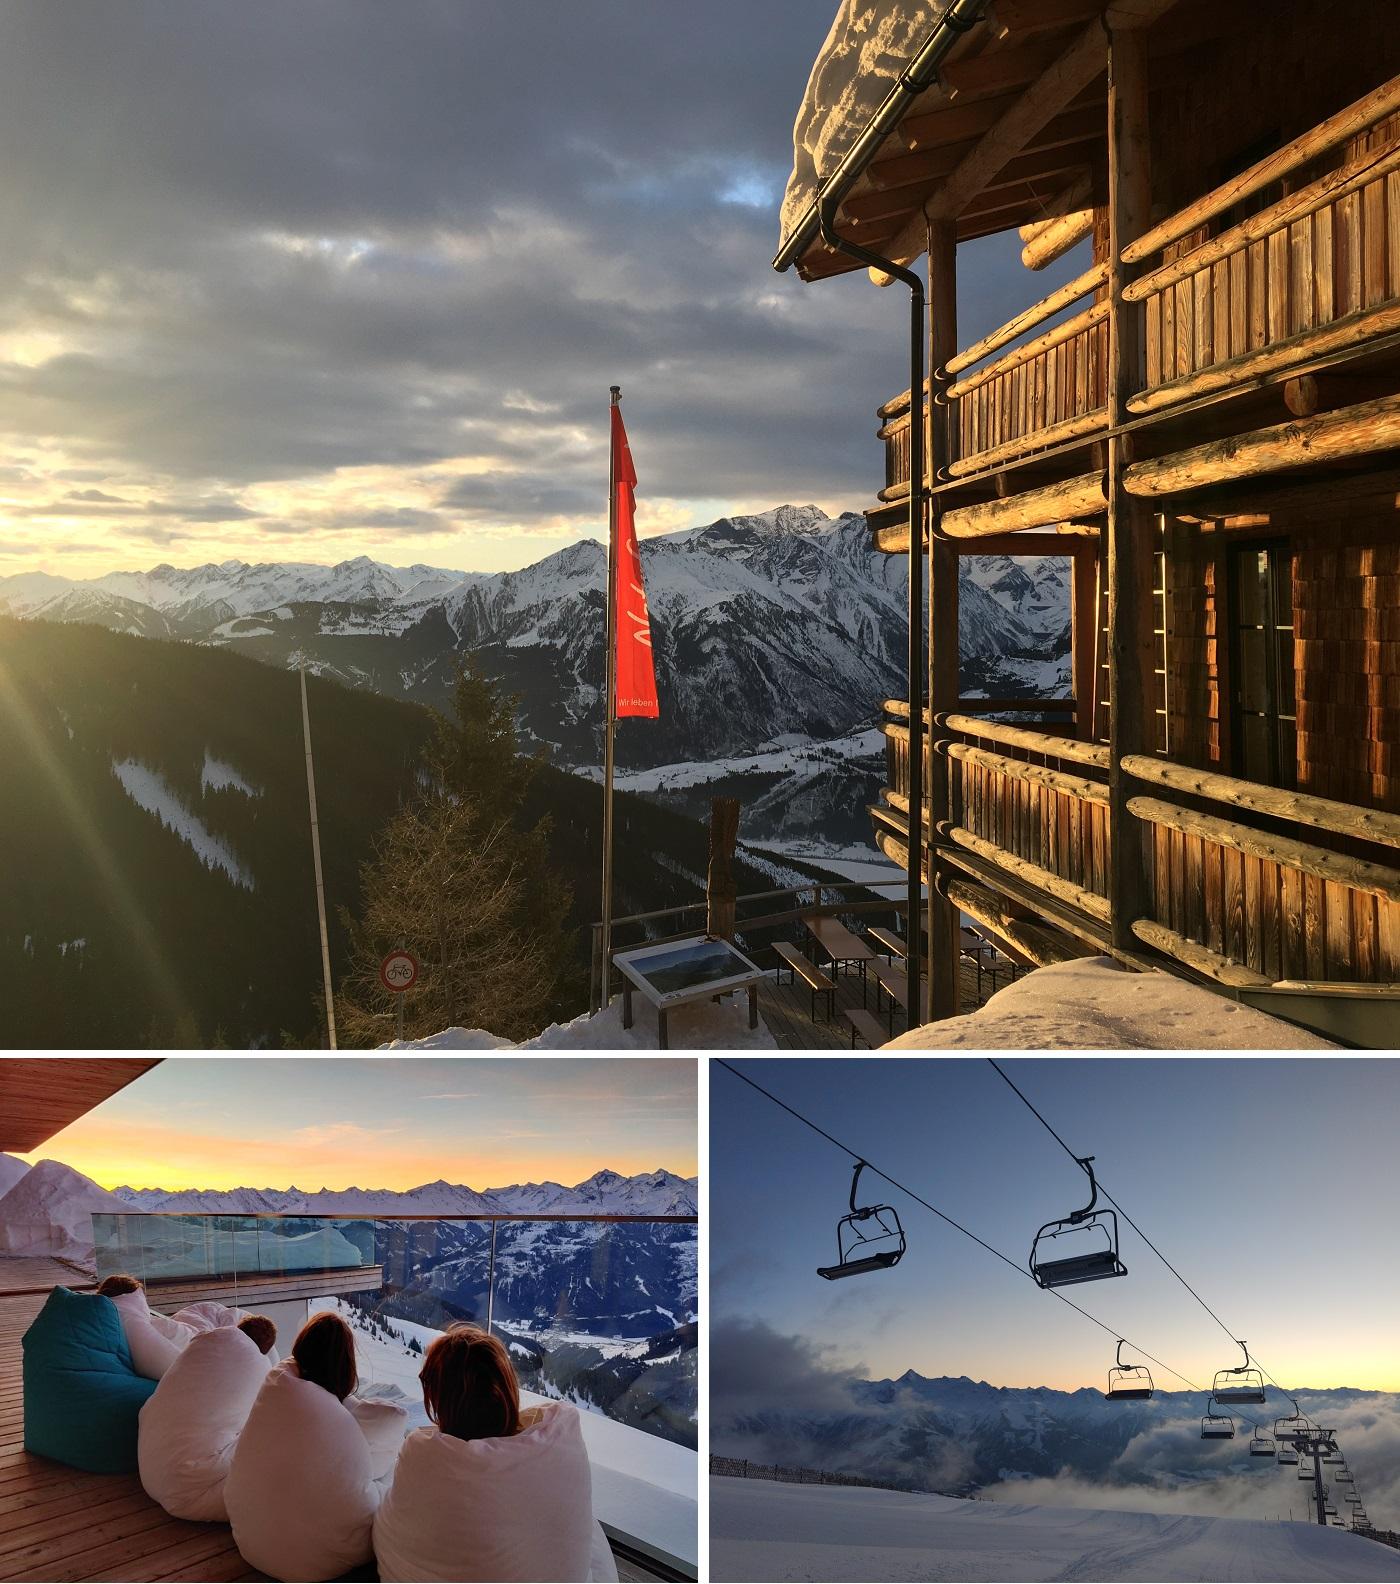 Alpex-skihuttentocht